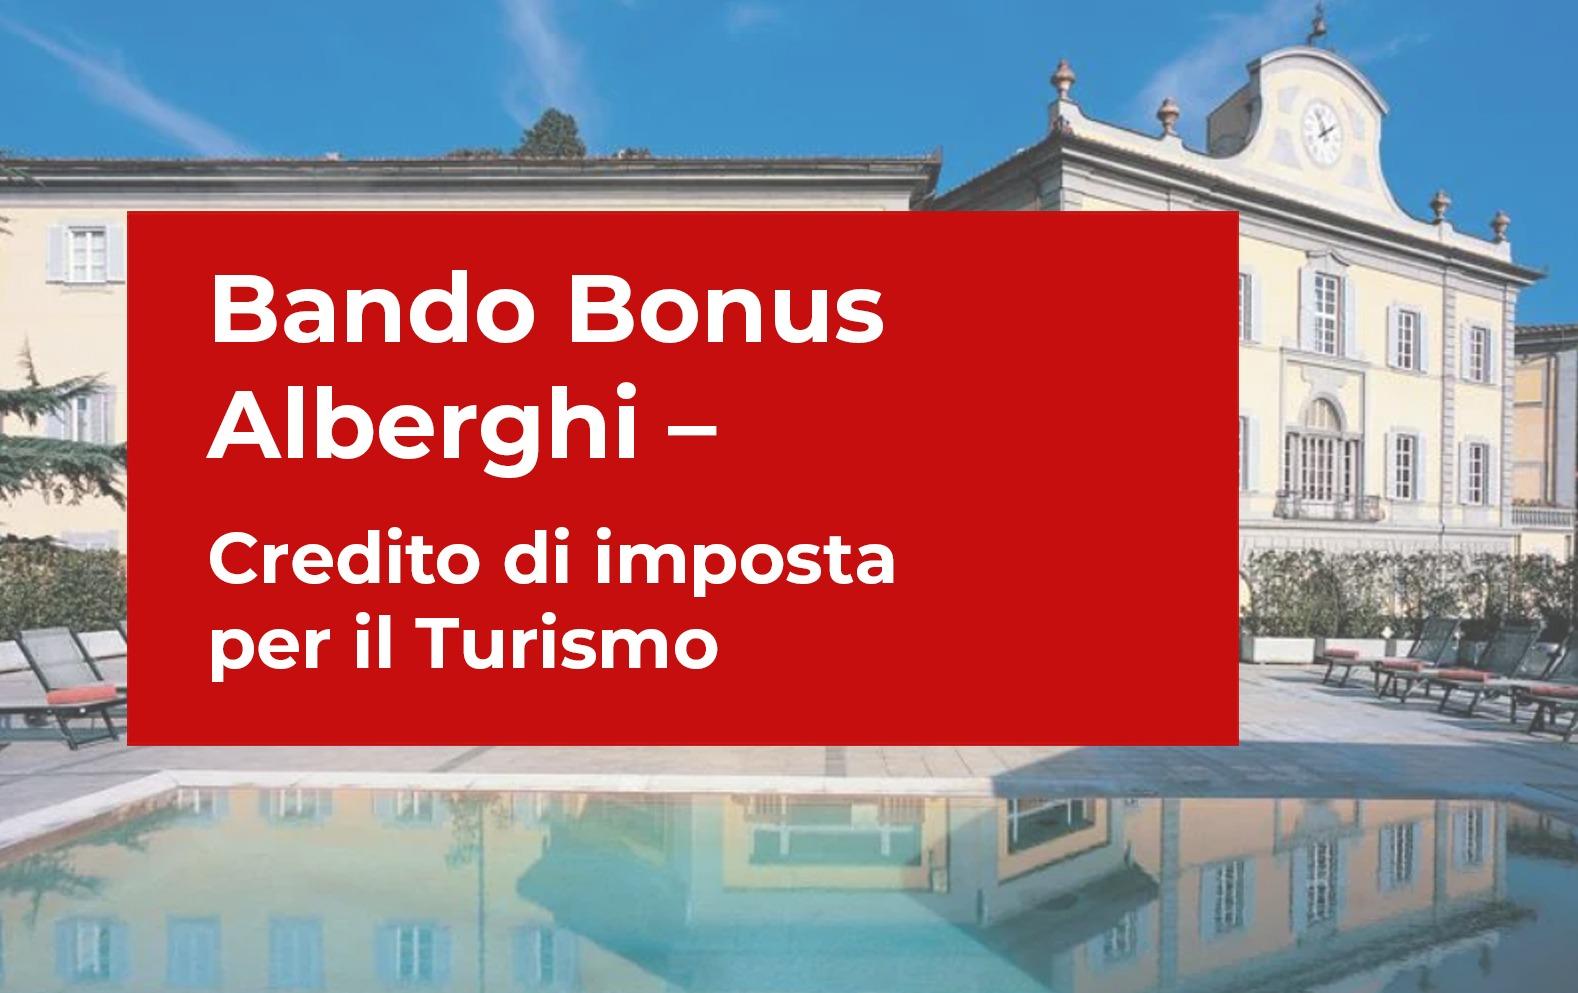 bando bonus alberghi credito di imposta